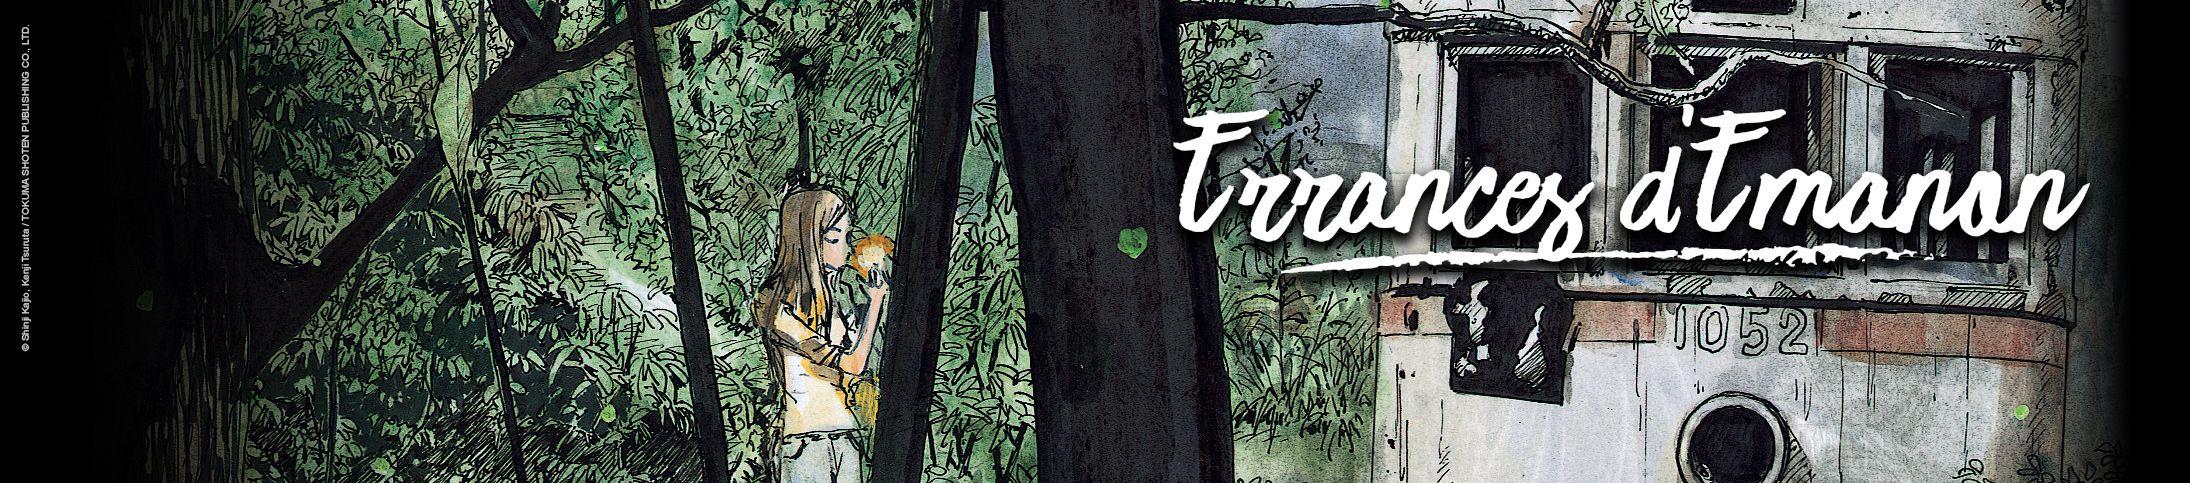 Dossier manga - Errances d'Emanon